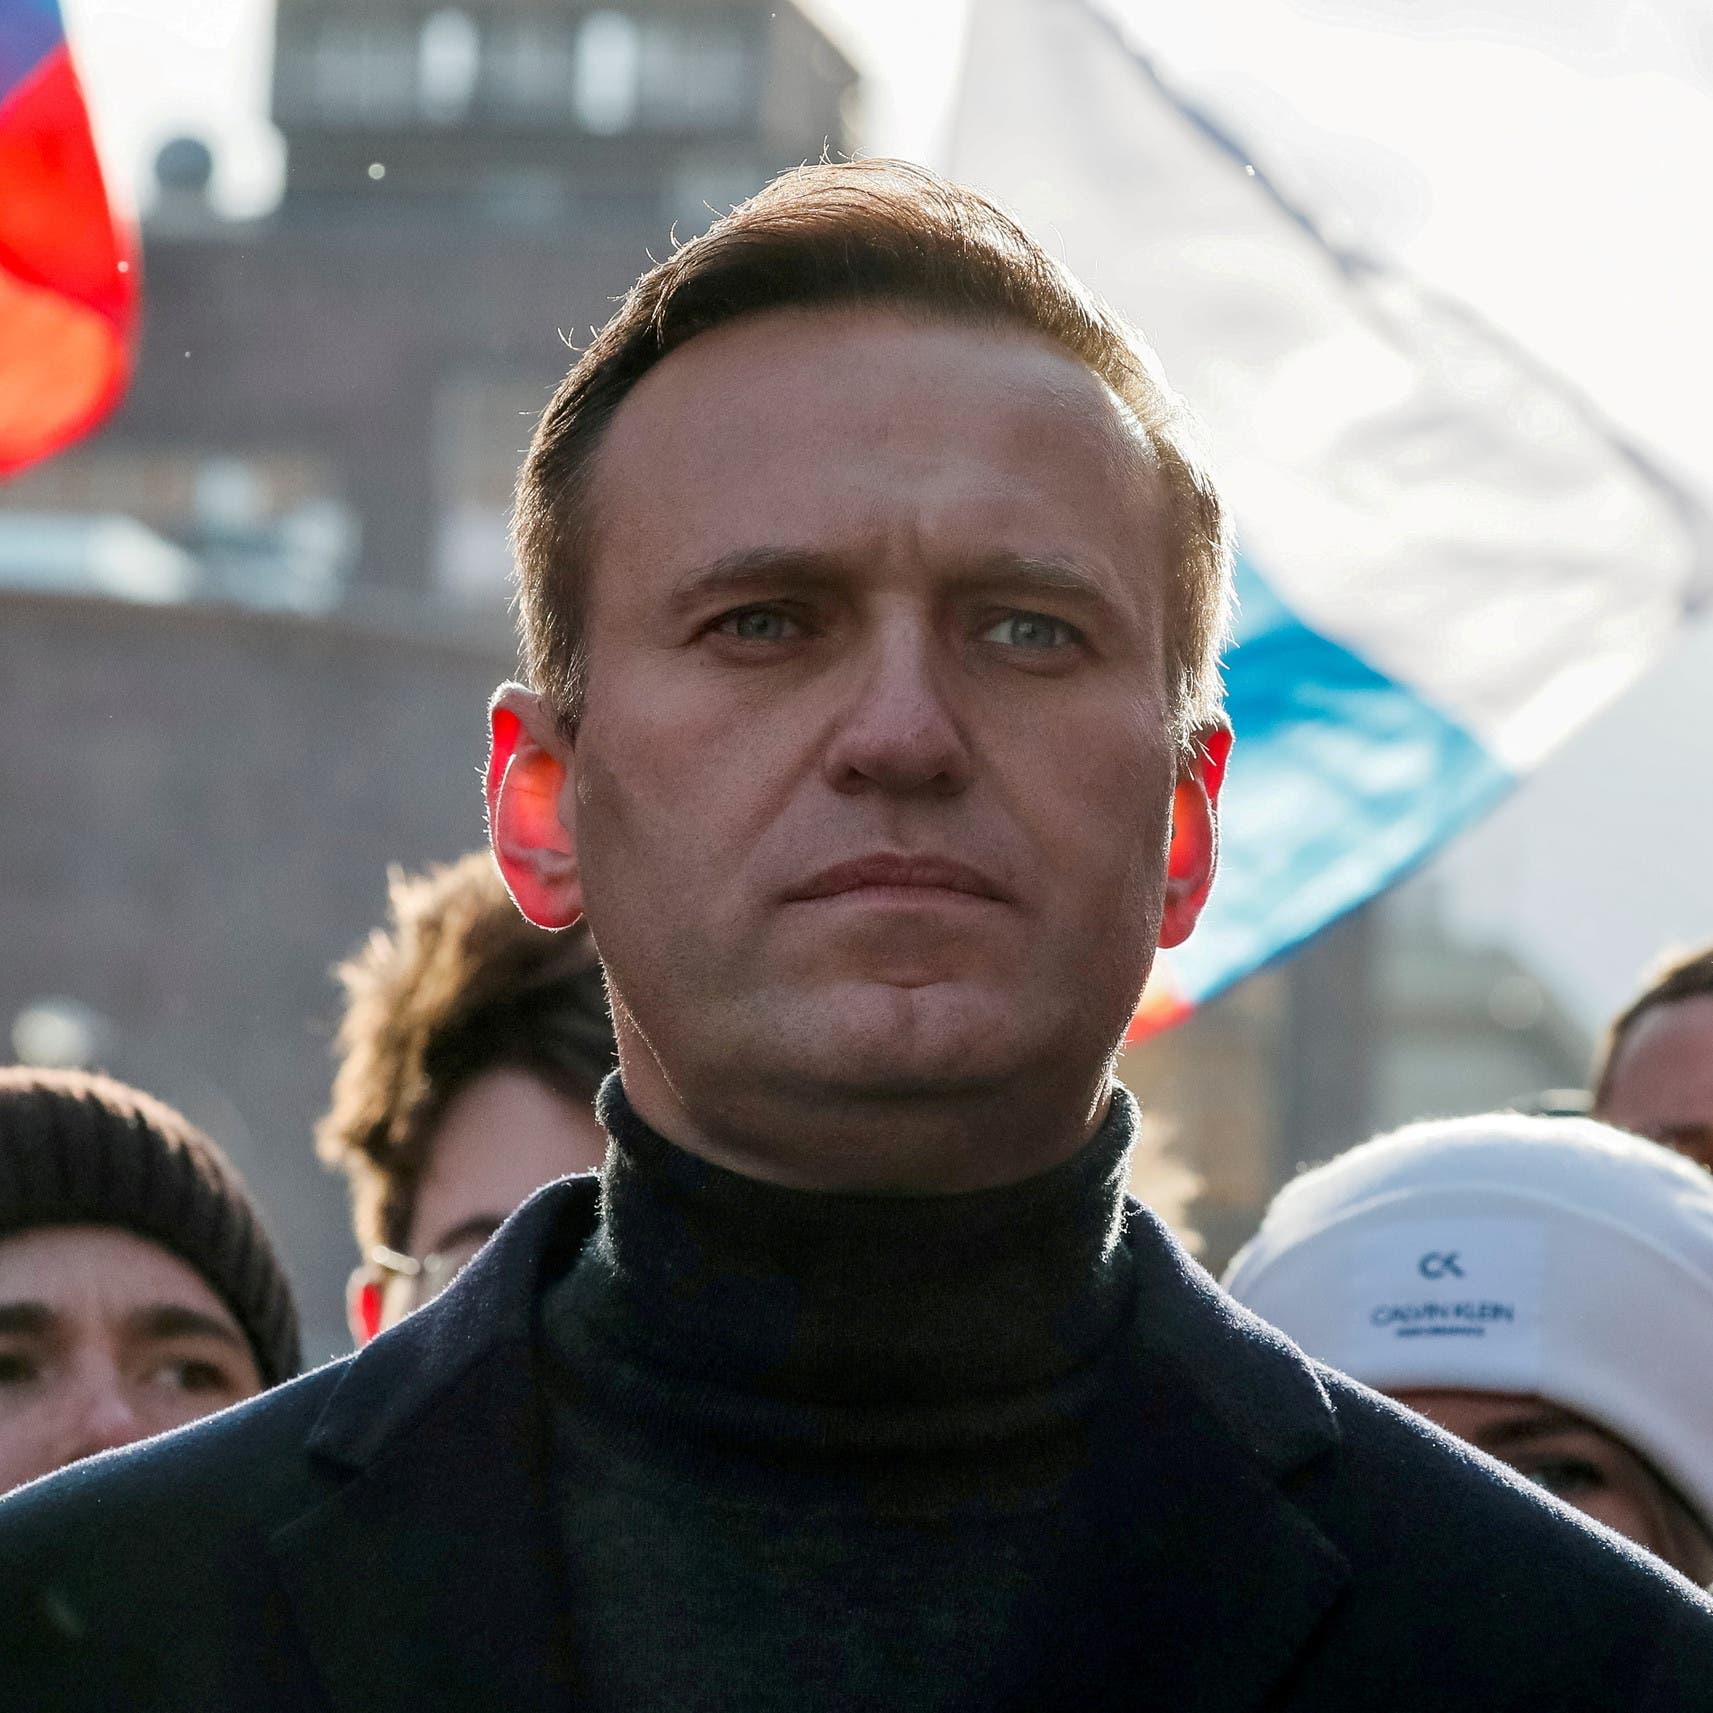 بسبب تسميم نافالني.. بريطانيا تعاقب 7 من مخابرات روسيا